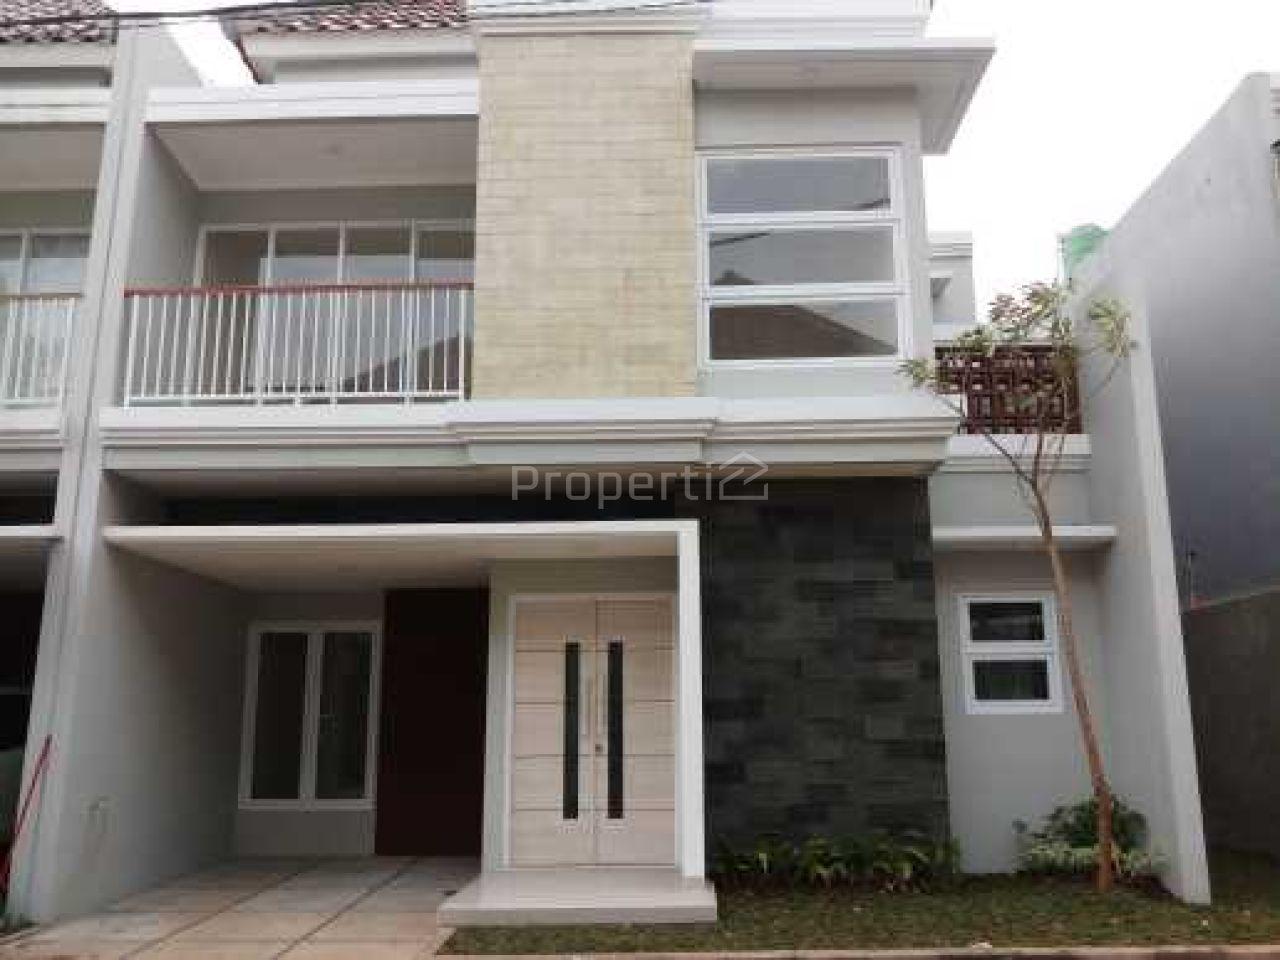 Rumah Baru 2 Lantai dalam Hunian Prestisius di Bintaro, Banten